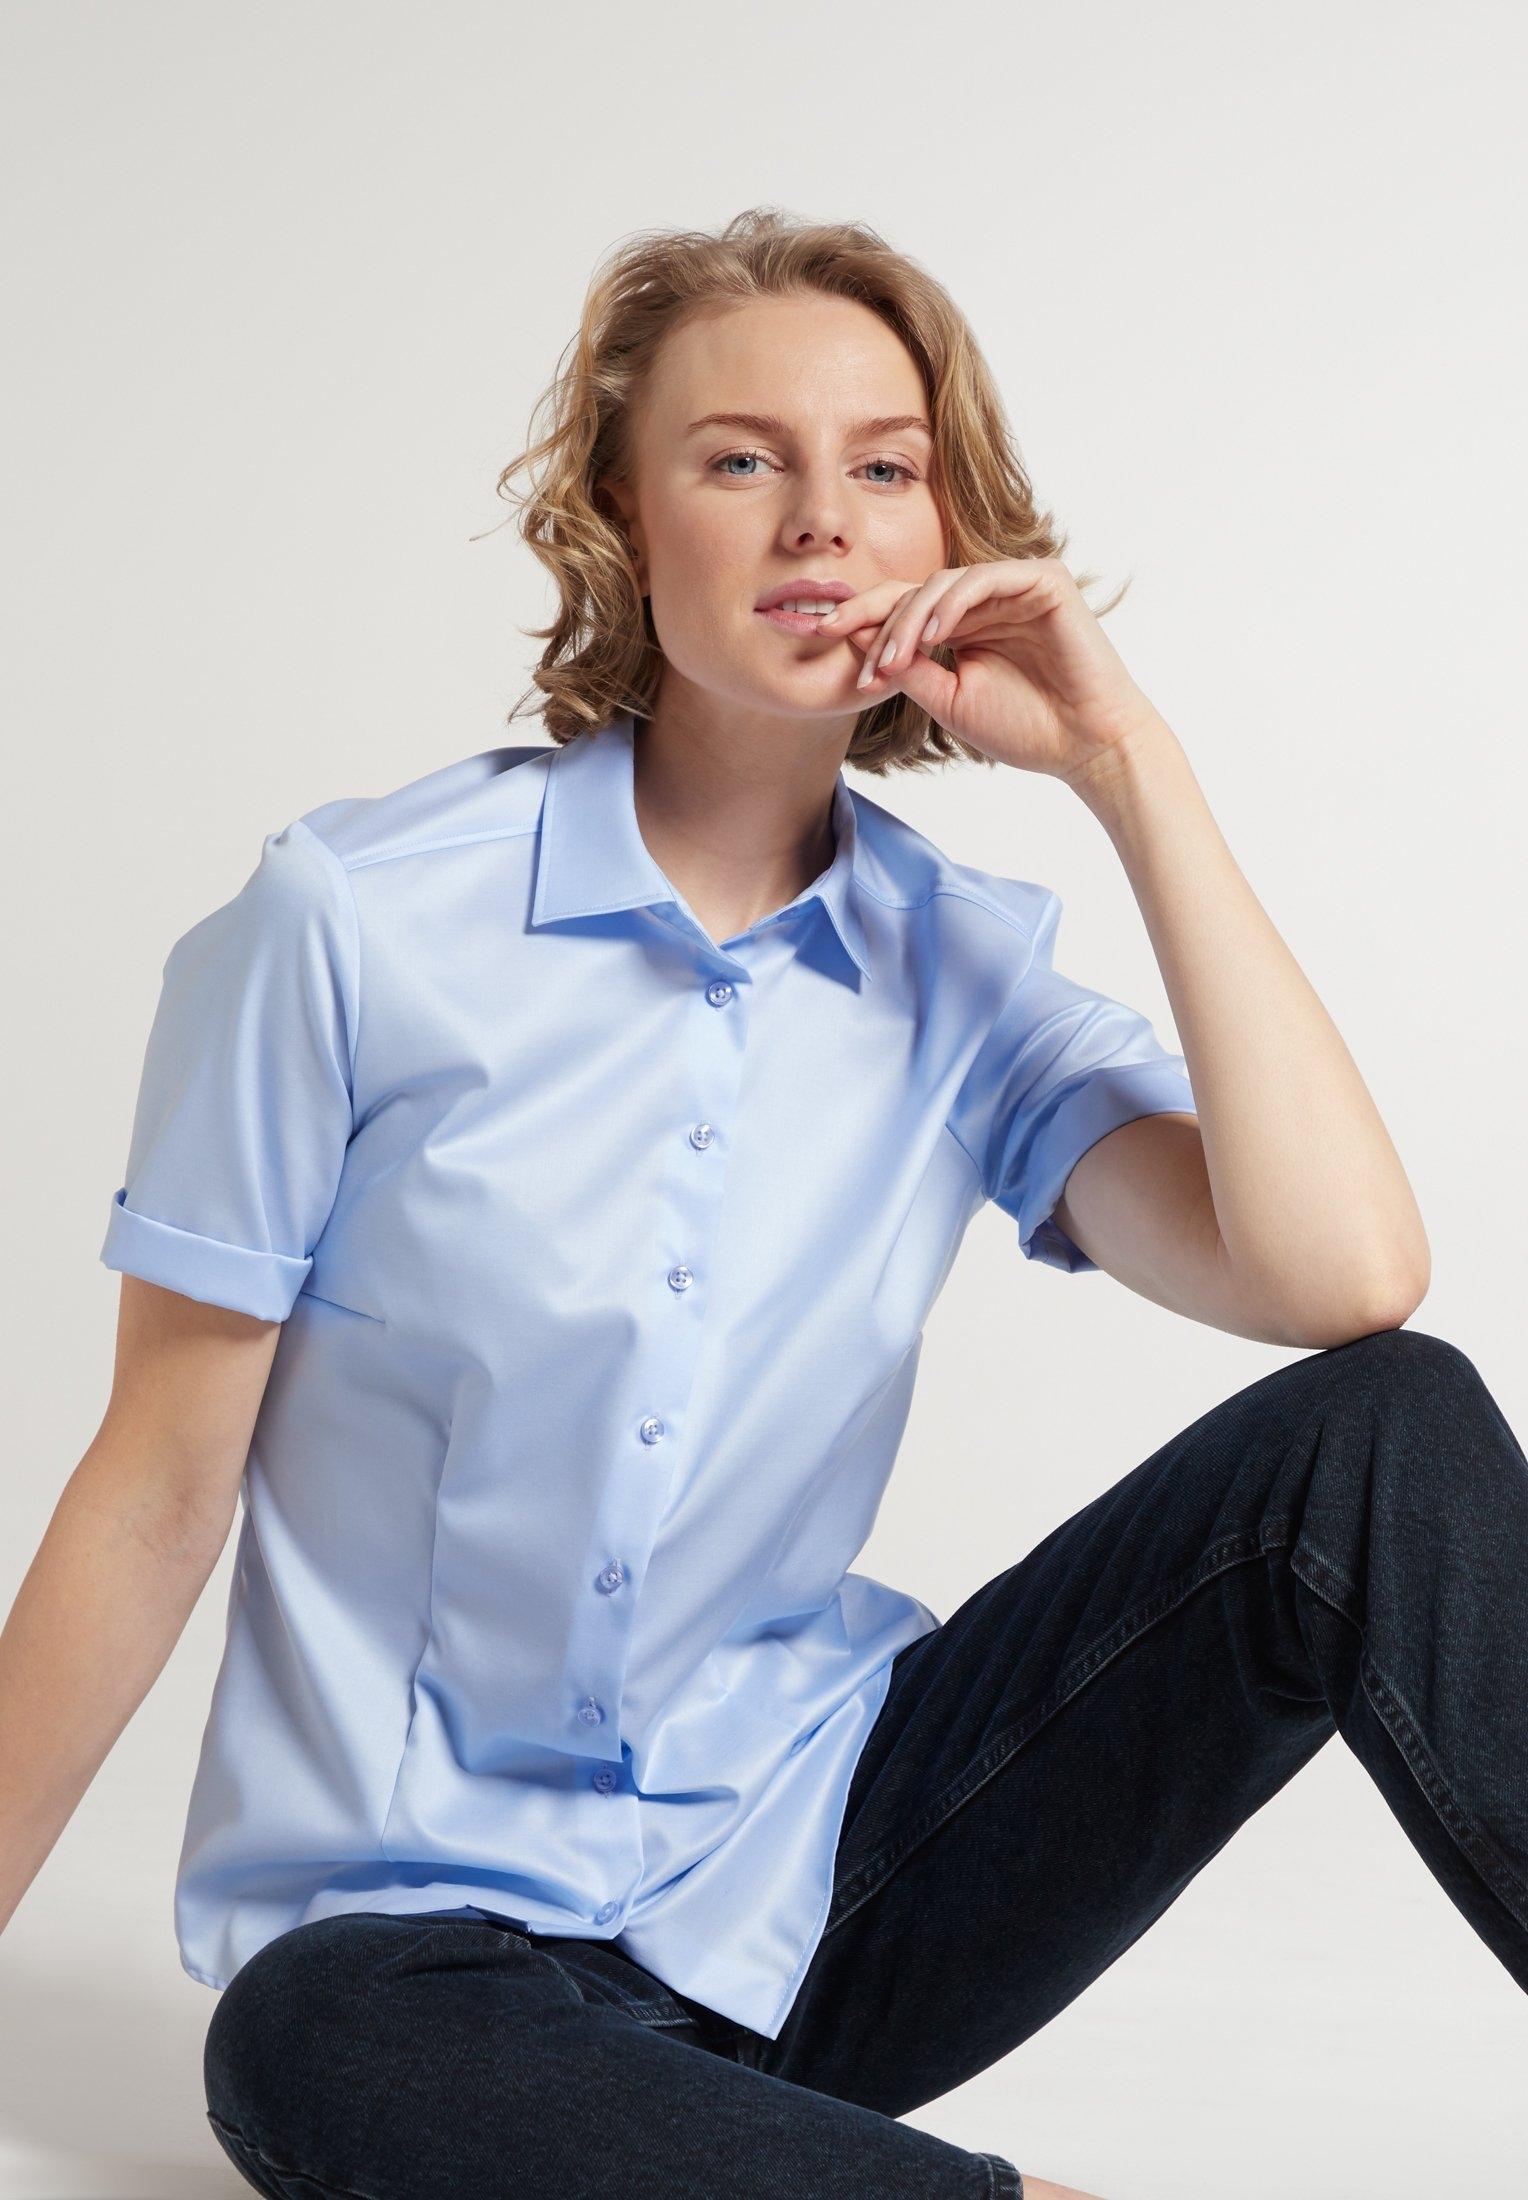 Eterna Blouse met korte mouwen MODERN CLASSIC Korte mouwen voordelig en veilig online kopen